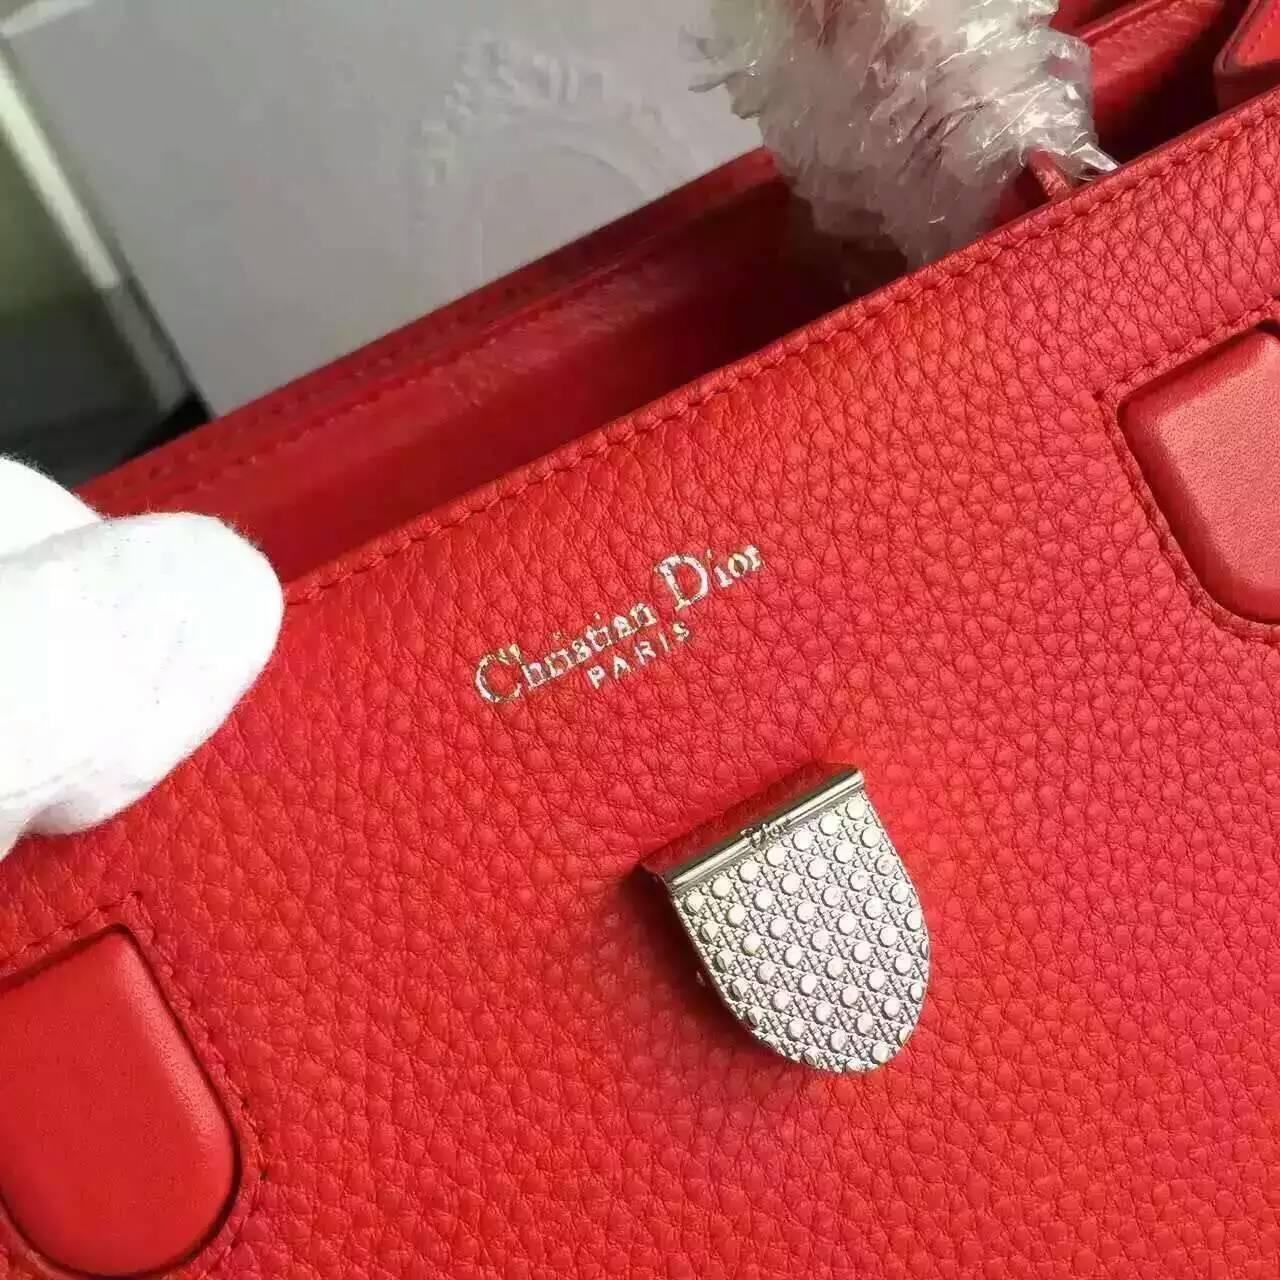 Dior包包官网 迪奥新款手提女包30cm 大红色原版荔枝纹牛皮